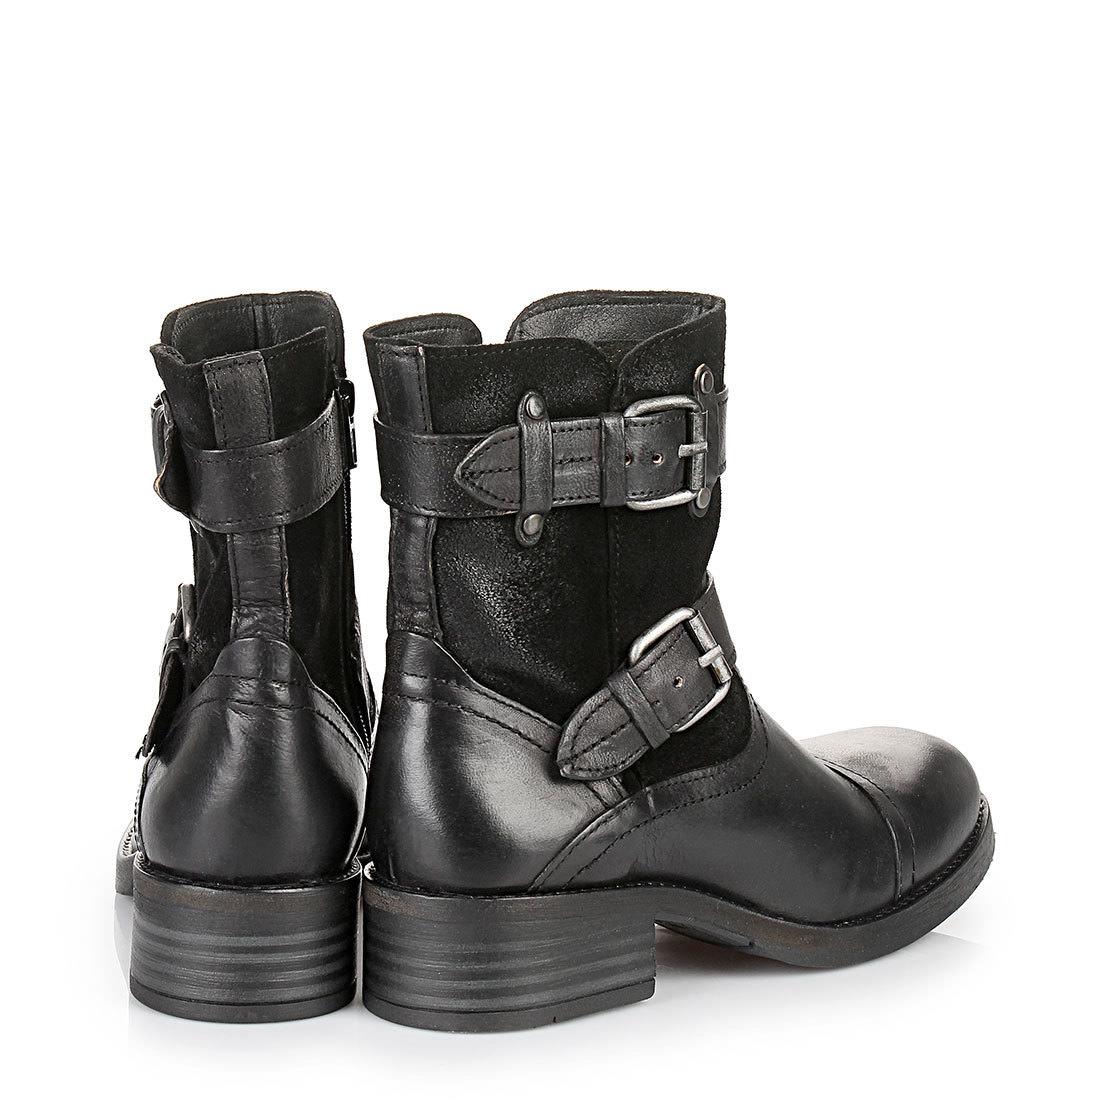 Buffalo biker boots in black buy online in BUFFALO Online